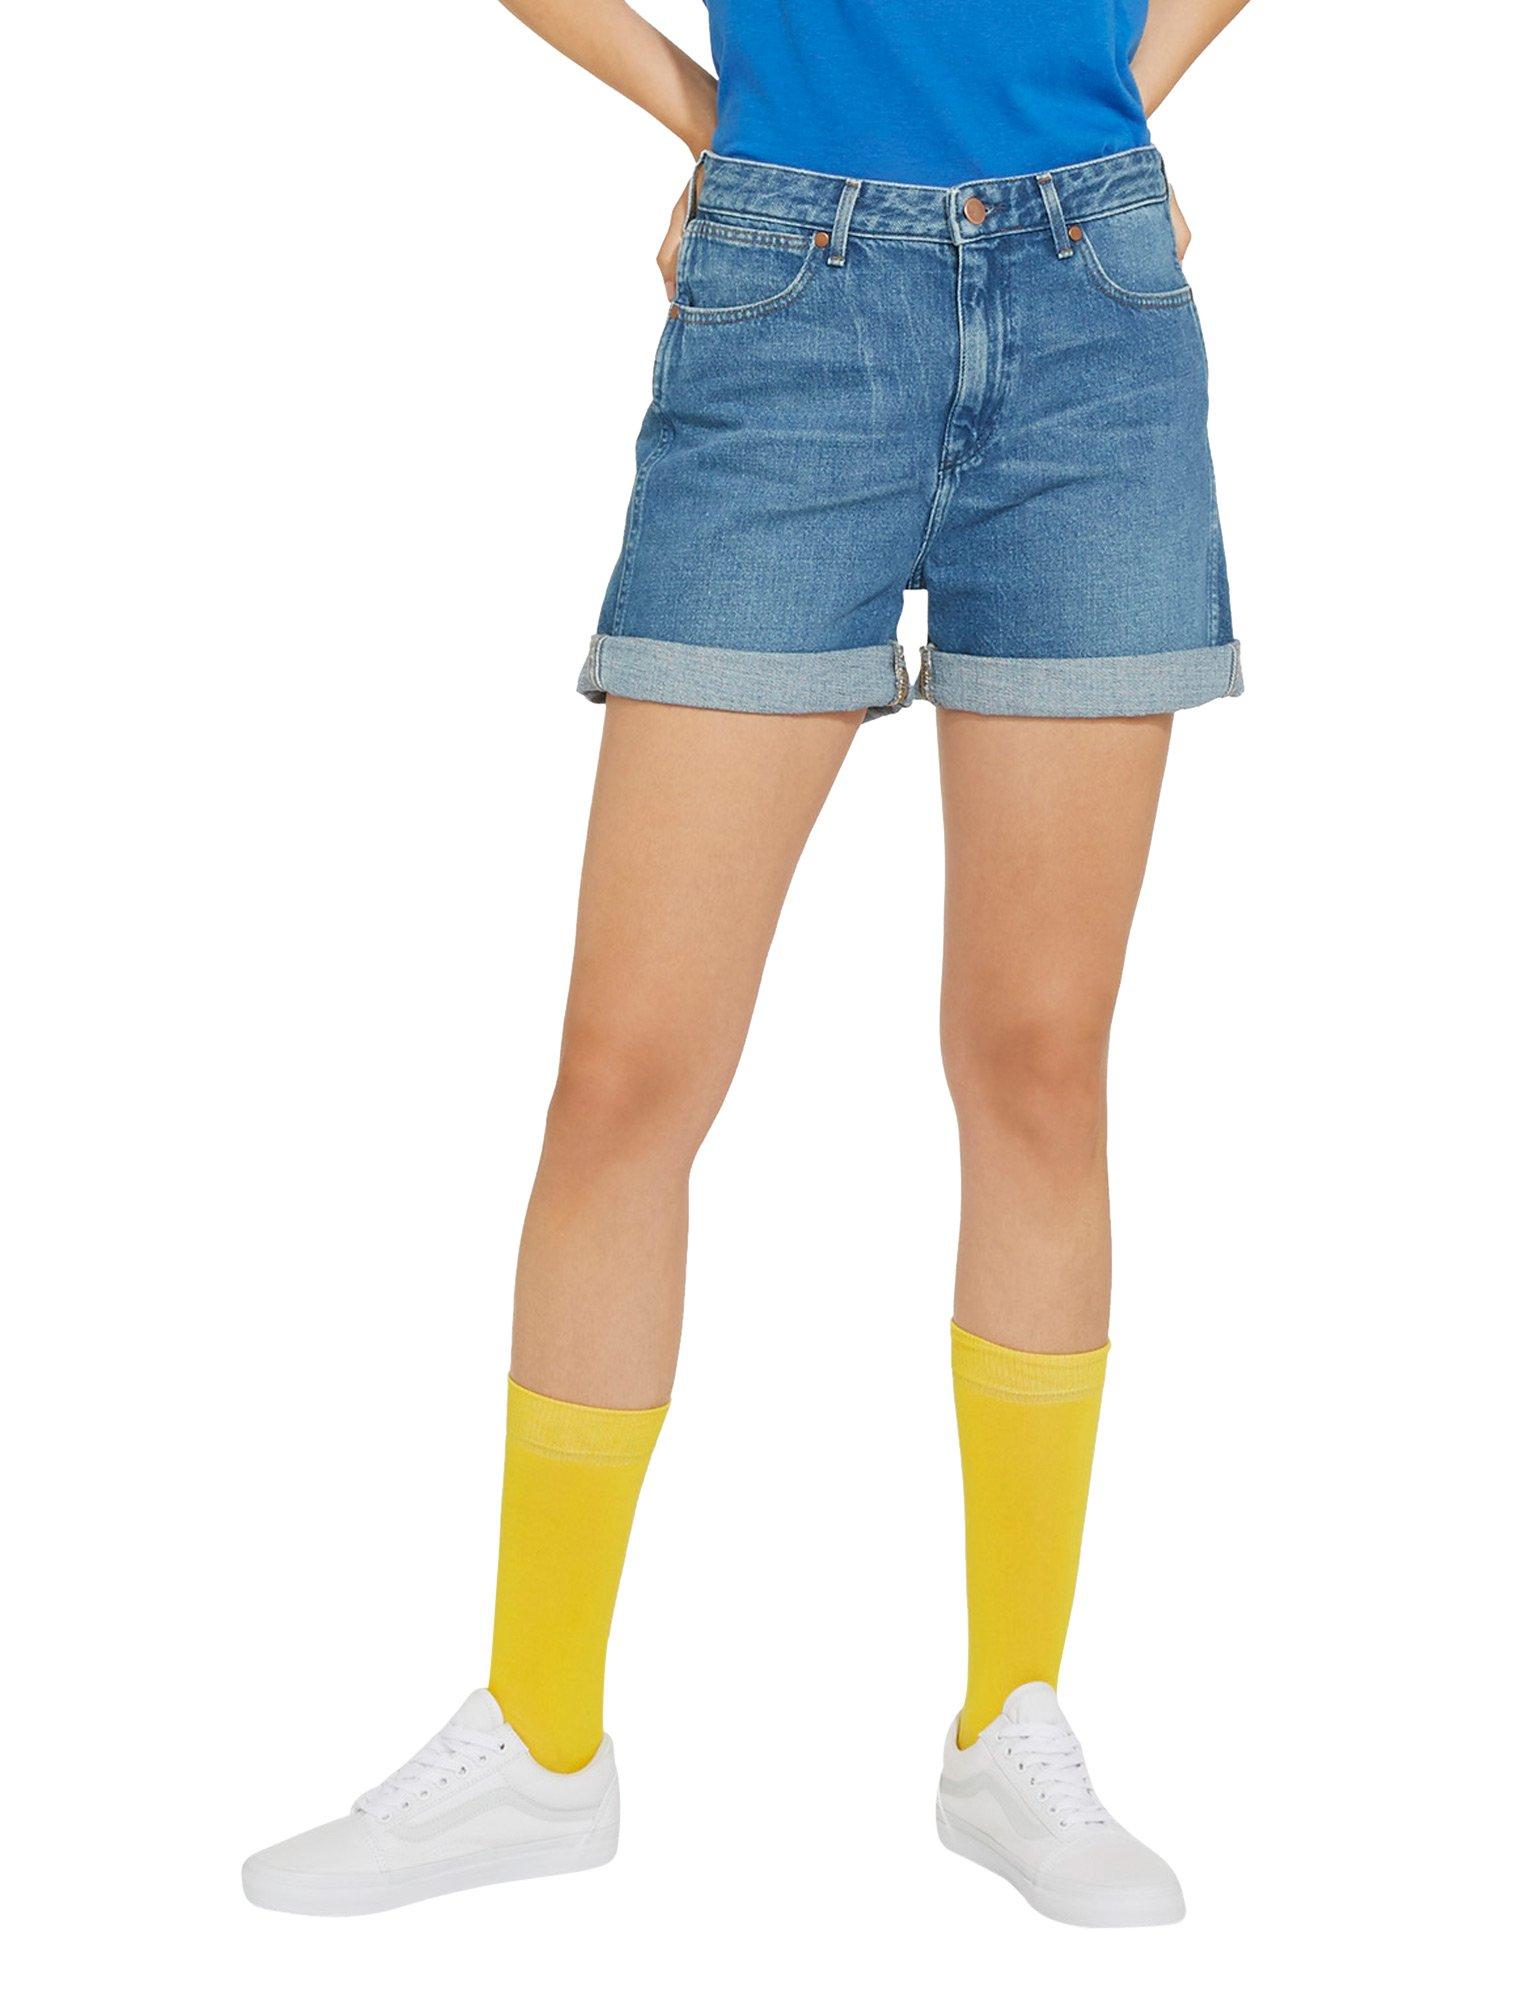 Wrangler Women's B&Y Retro Women's Blue Denim Boy Shorts In Size S Blue